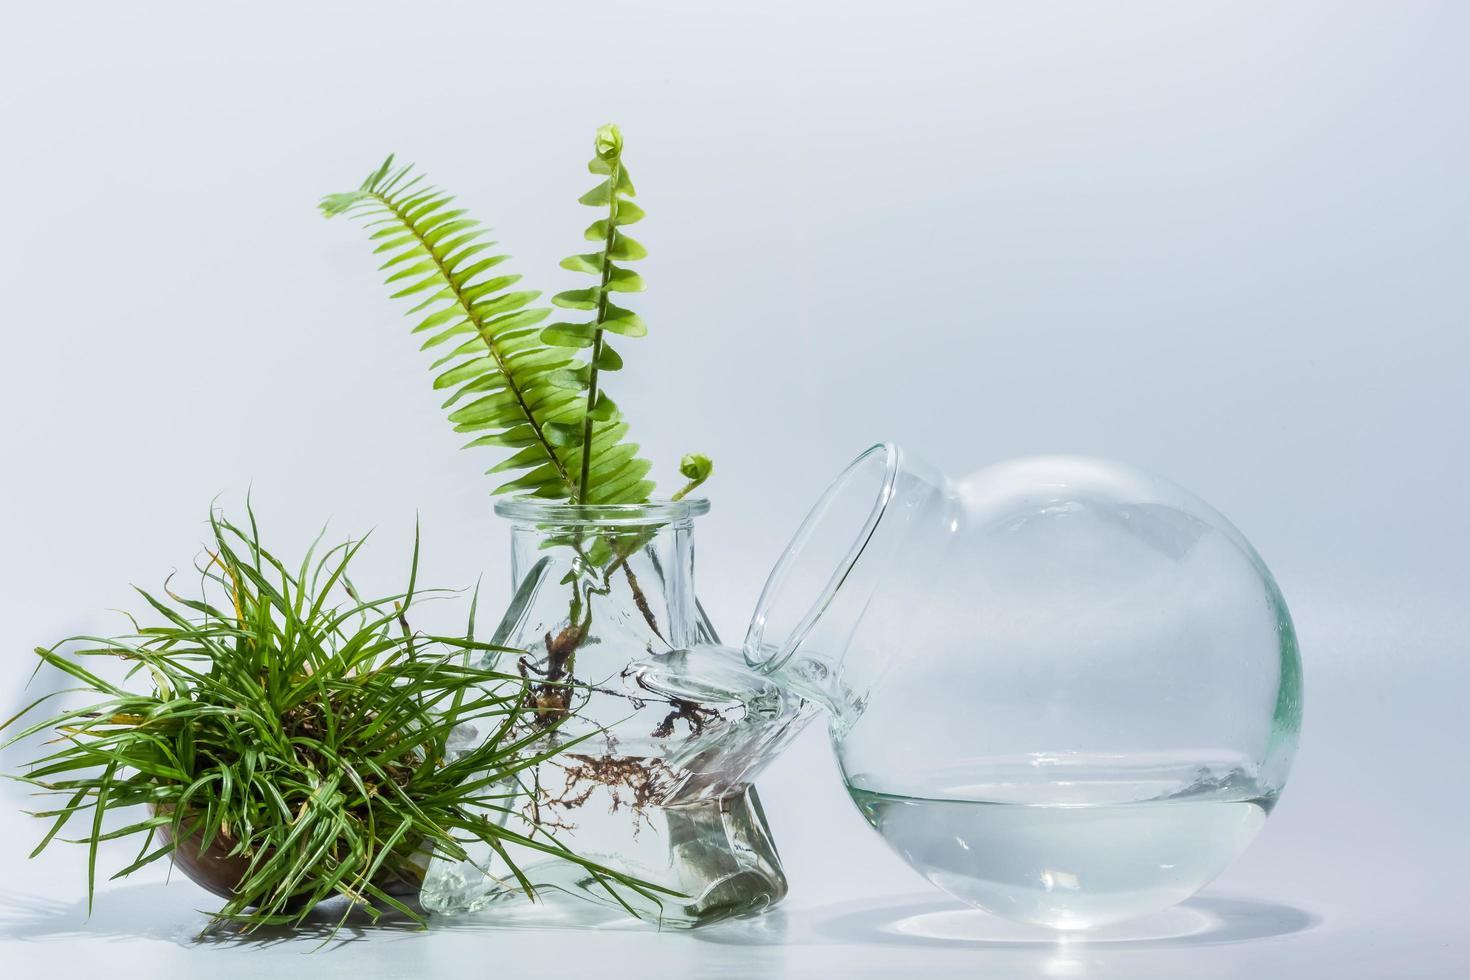 Terrarium plants on white background photo